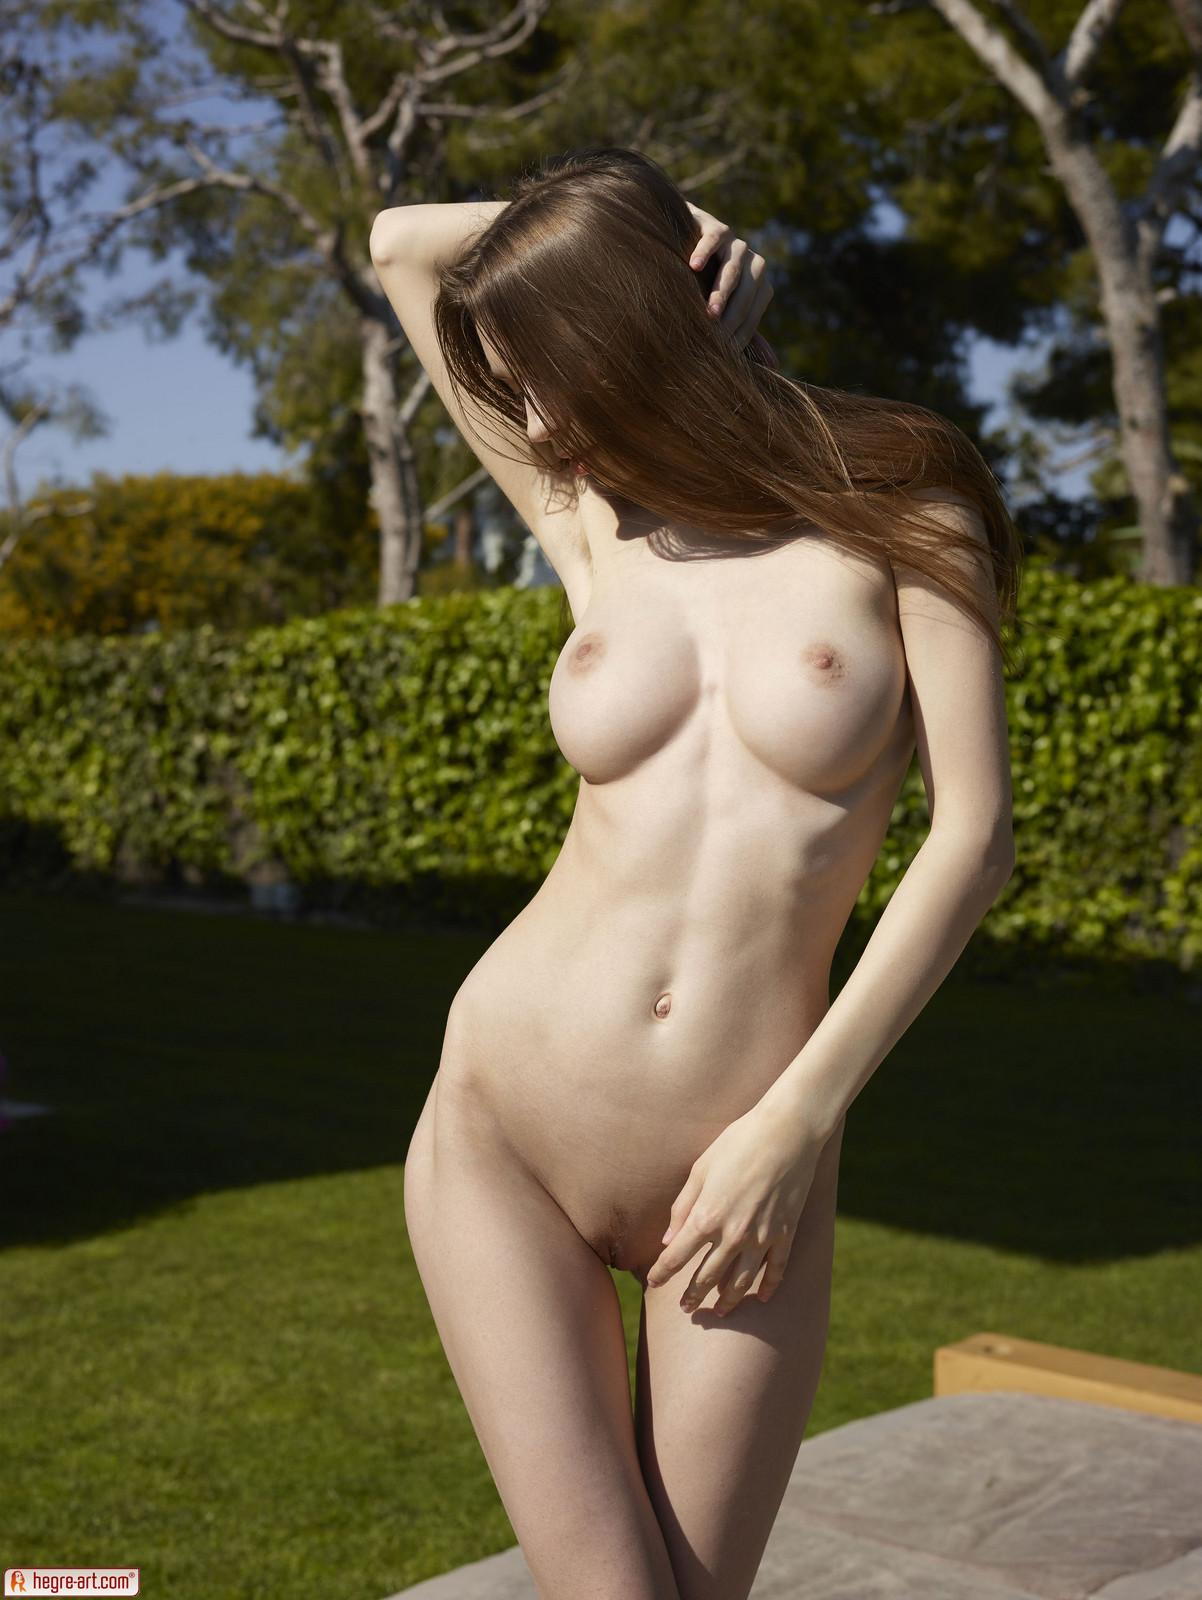 Zdjęcie porno - 155 - Pieszczenie piersi